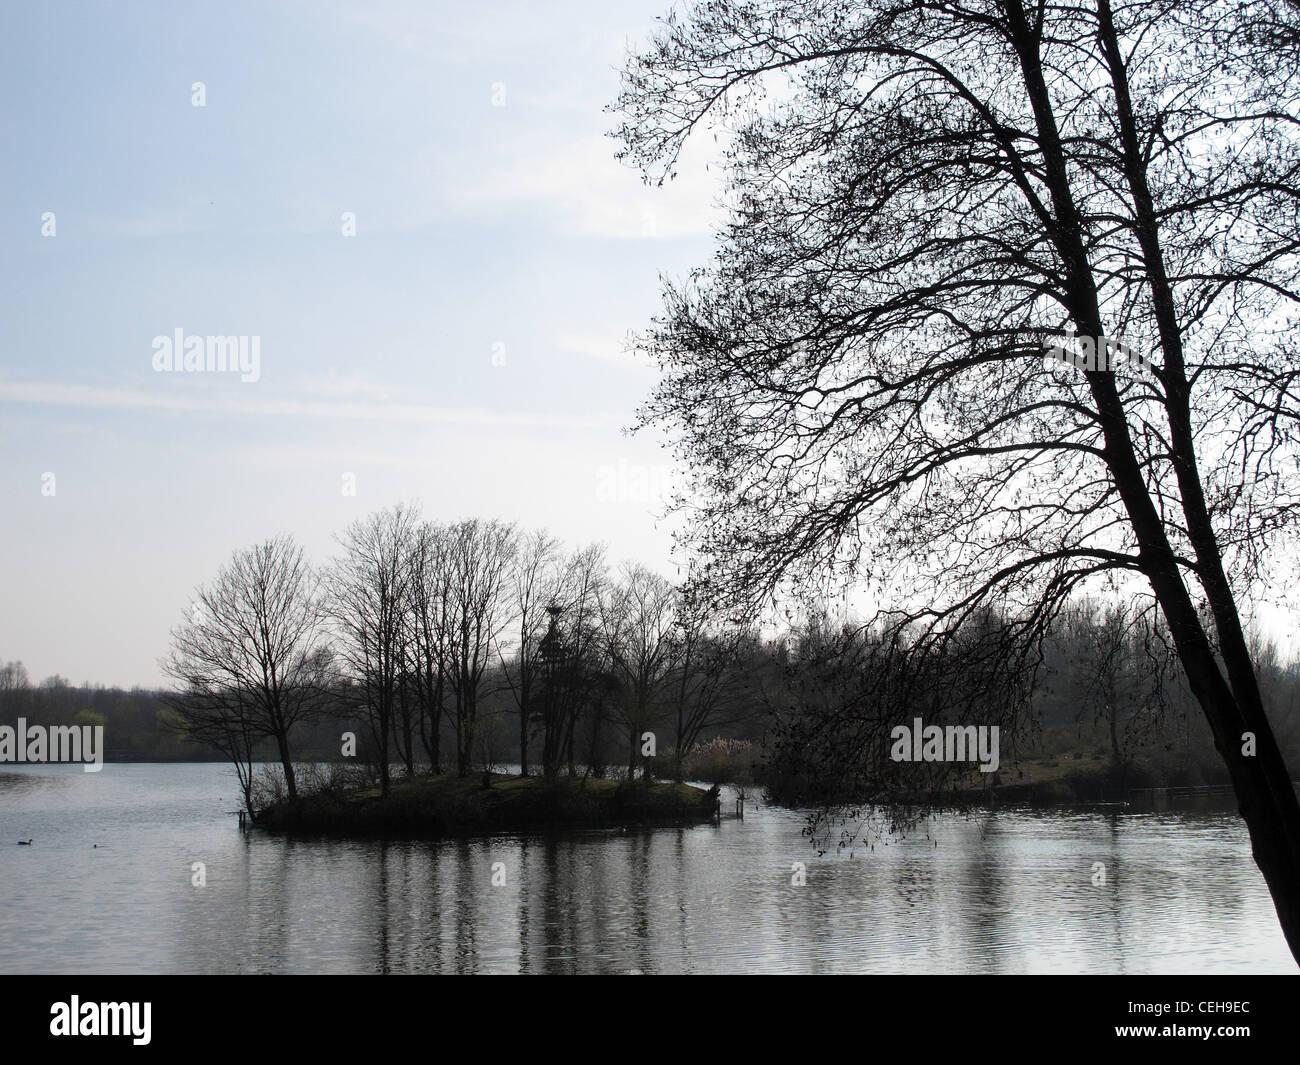 Winter-Szene auf Arrow Valley Lake, Redditch, krassen Bäumen vor blauem Himmel Stockbild